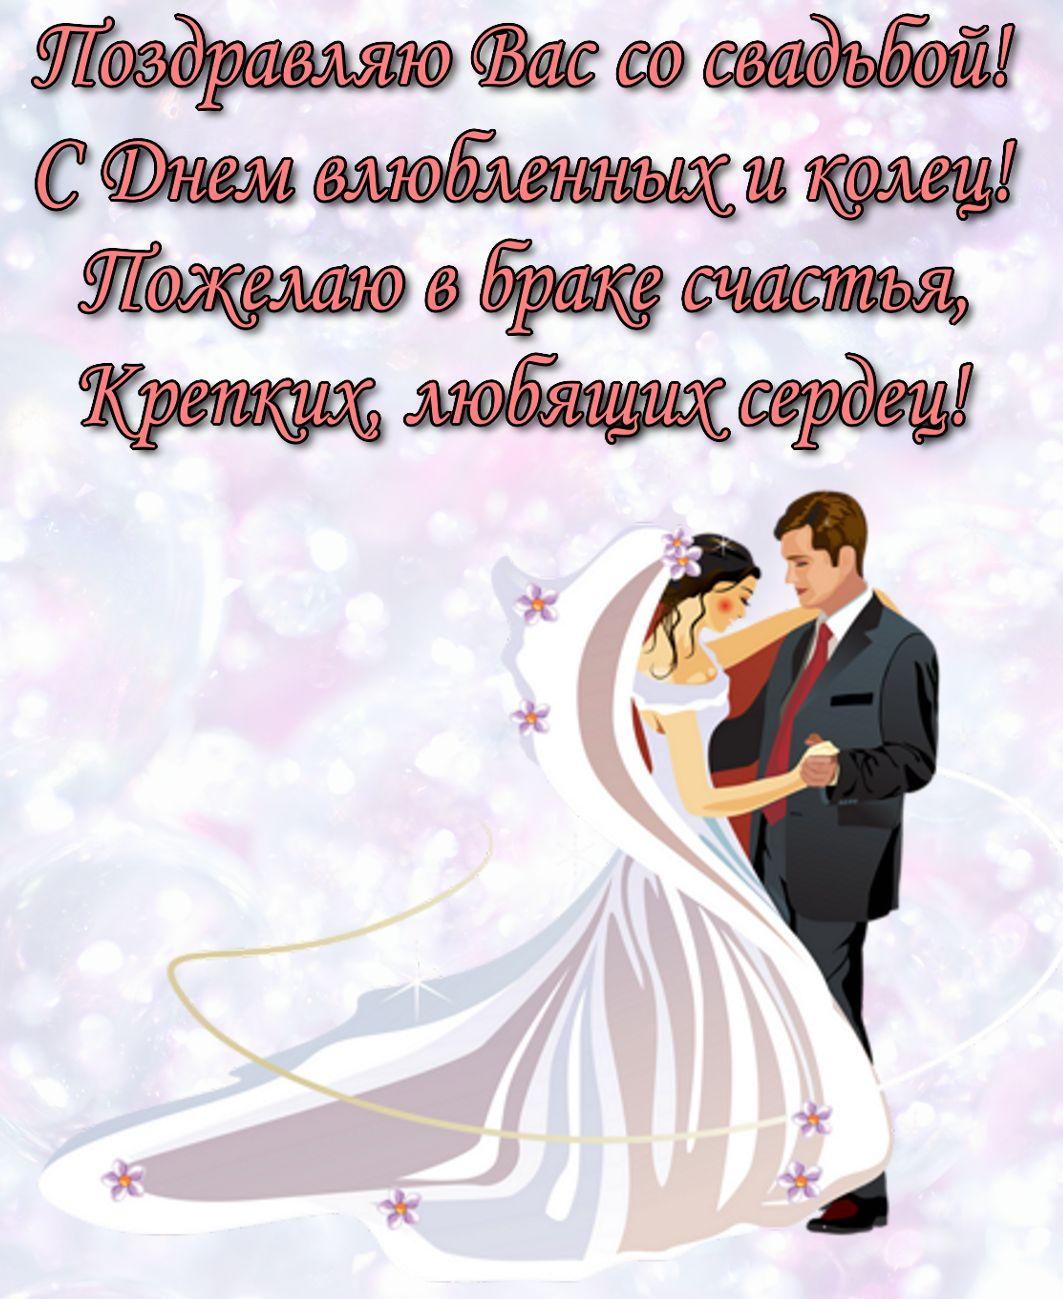 Марта, красивые поздравления на открытке на свадьбу